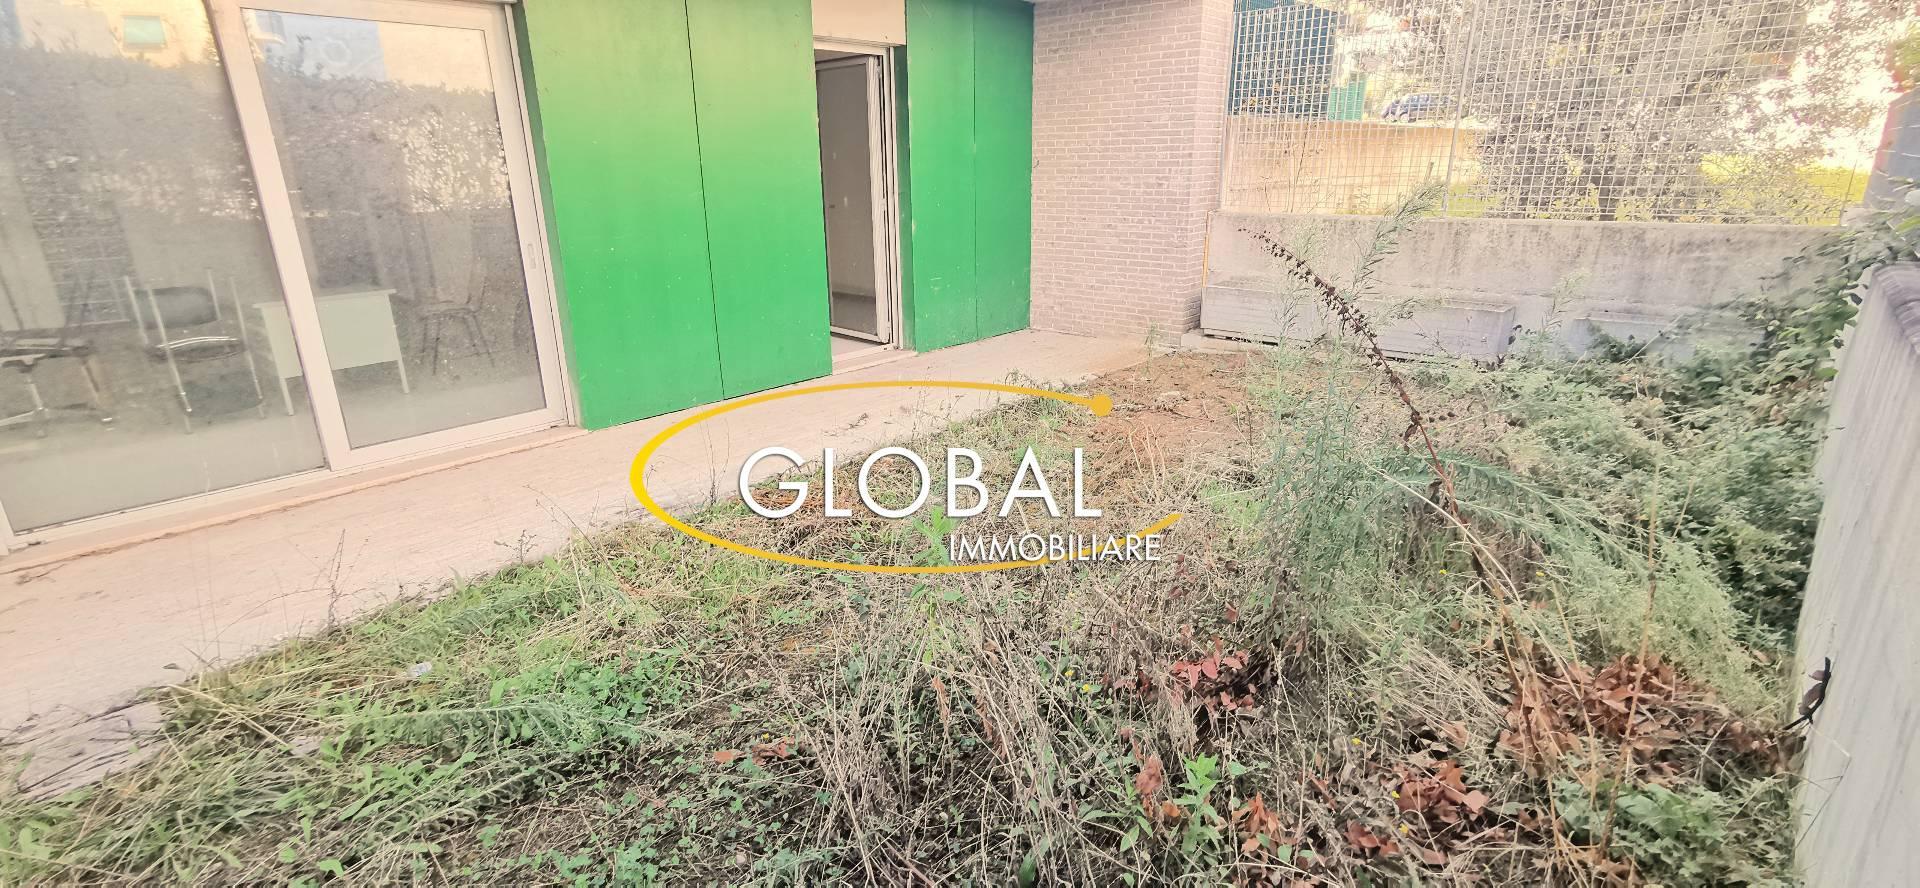 Appartamento in vendita a Ancona, 2 locali, zona Località: Palombare, prezzo € 100.000   PortaleAgenzieImmobiliari.it